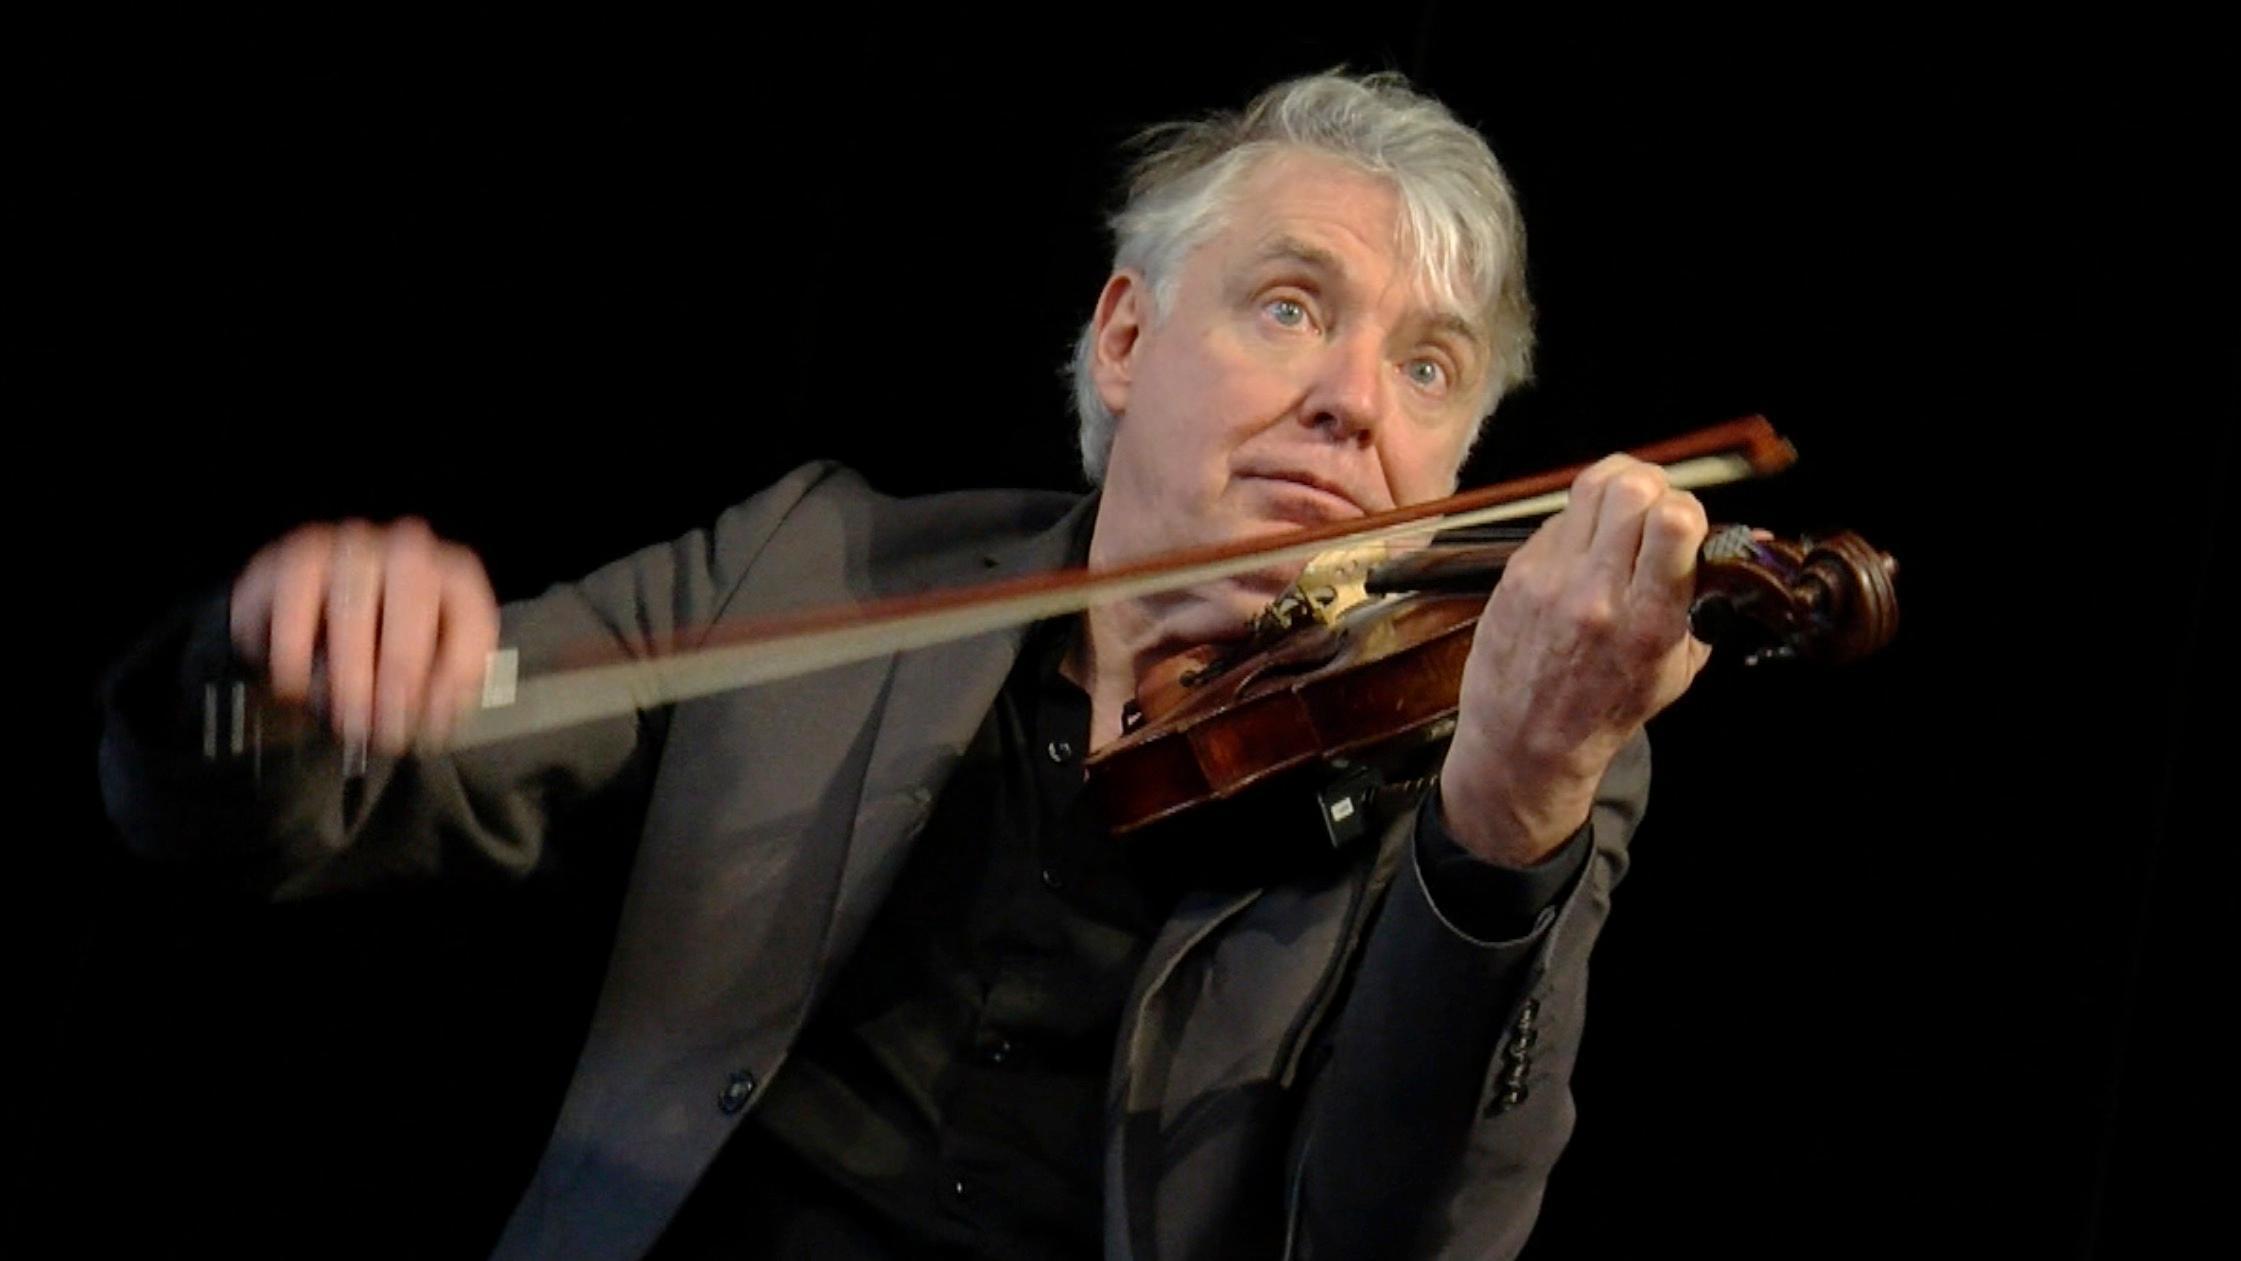 Le violoniste français Didier Lockwood est décédé d'une crise cardiaque